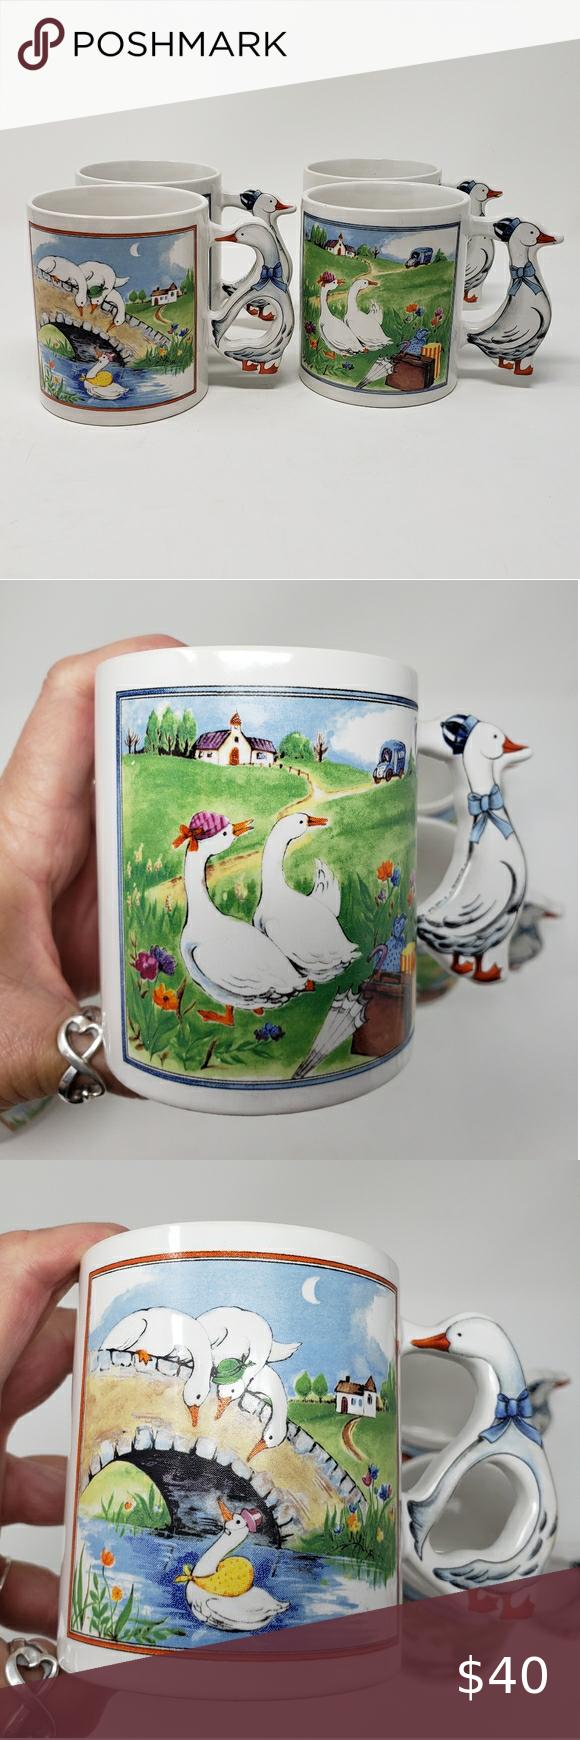 Vintage Geese Mugs